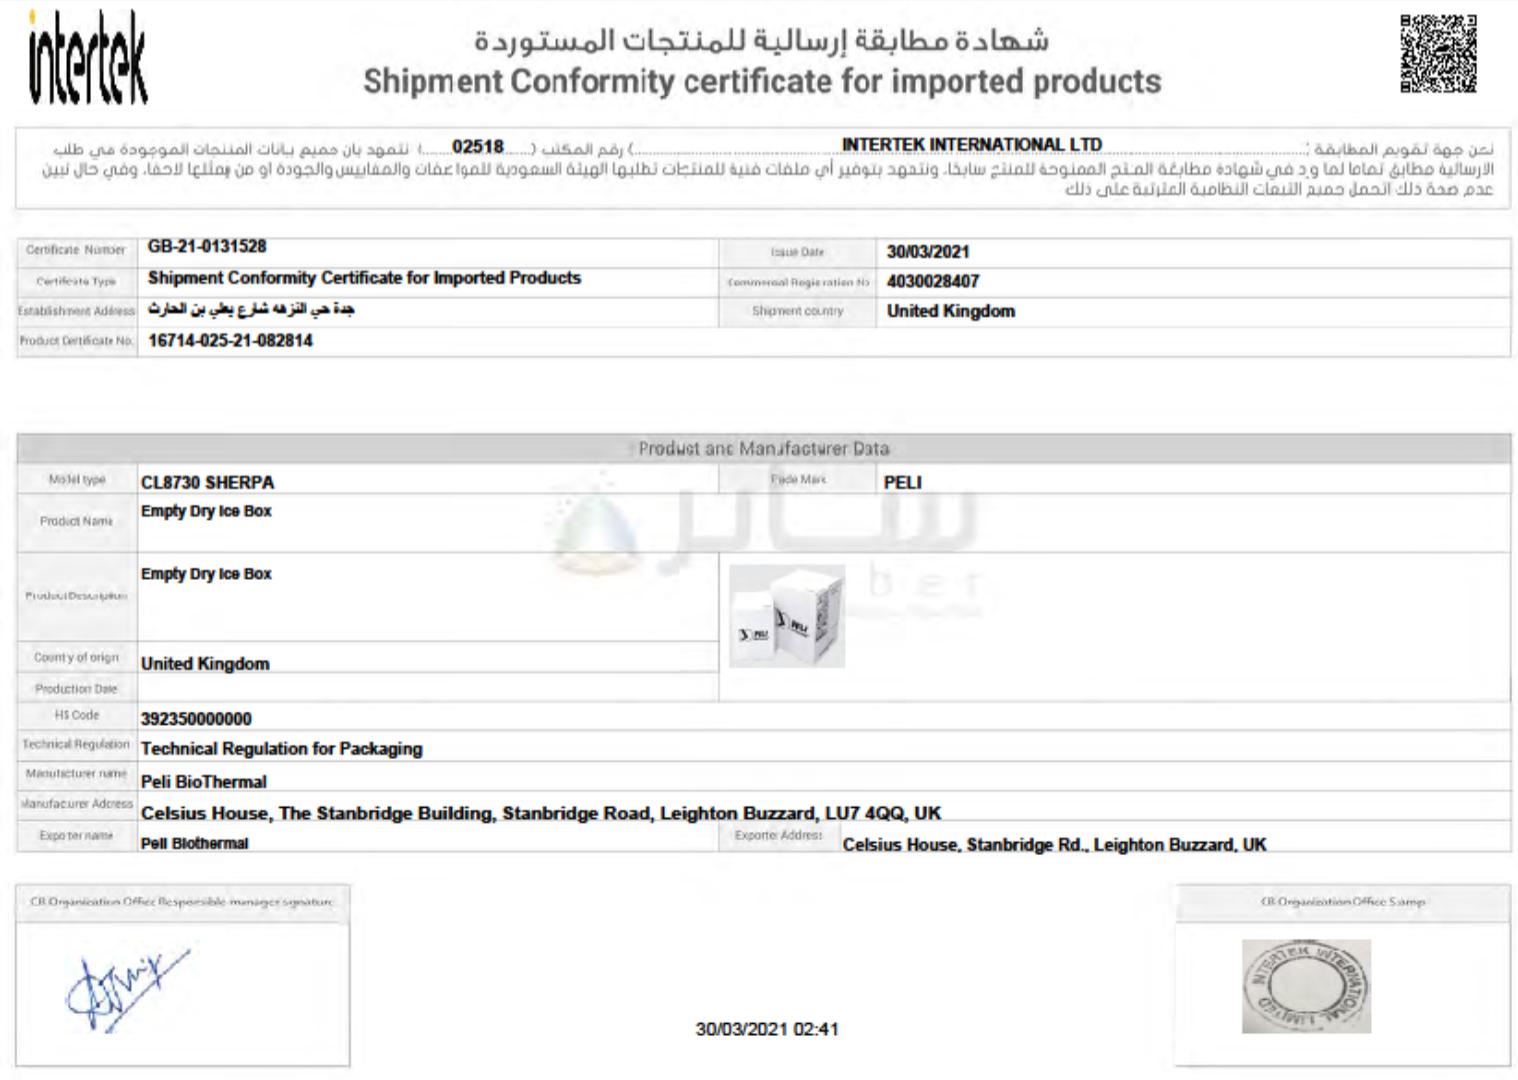 سابر - شهادة مطابقة إرسالية للمنتجات المستوردة